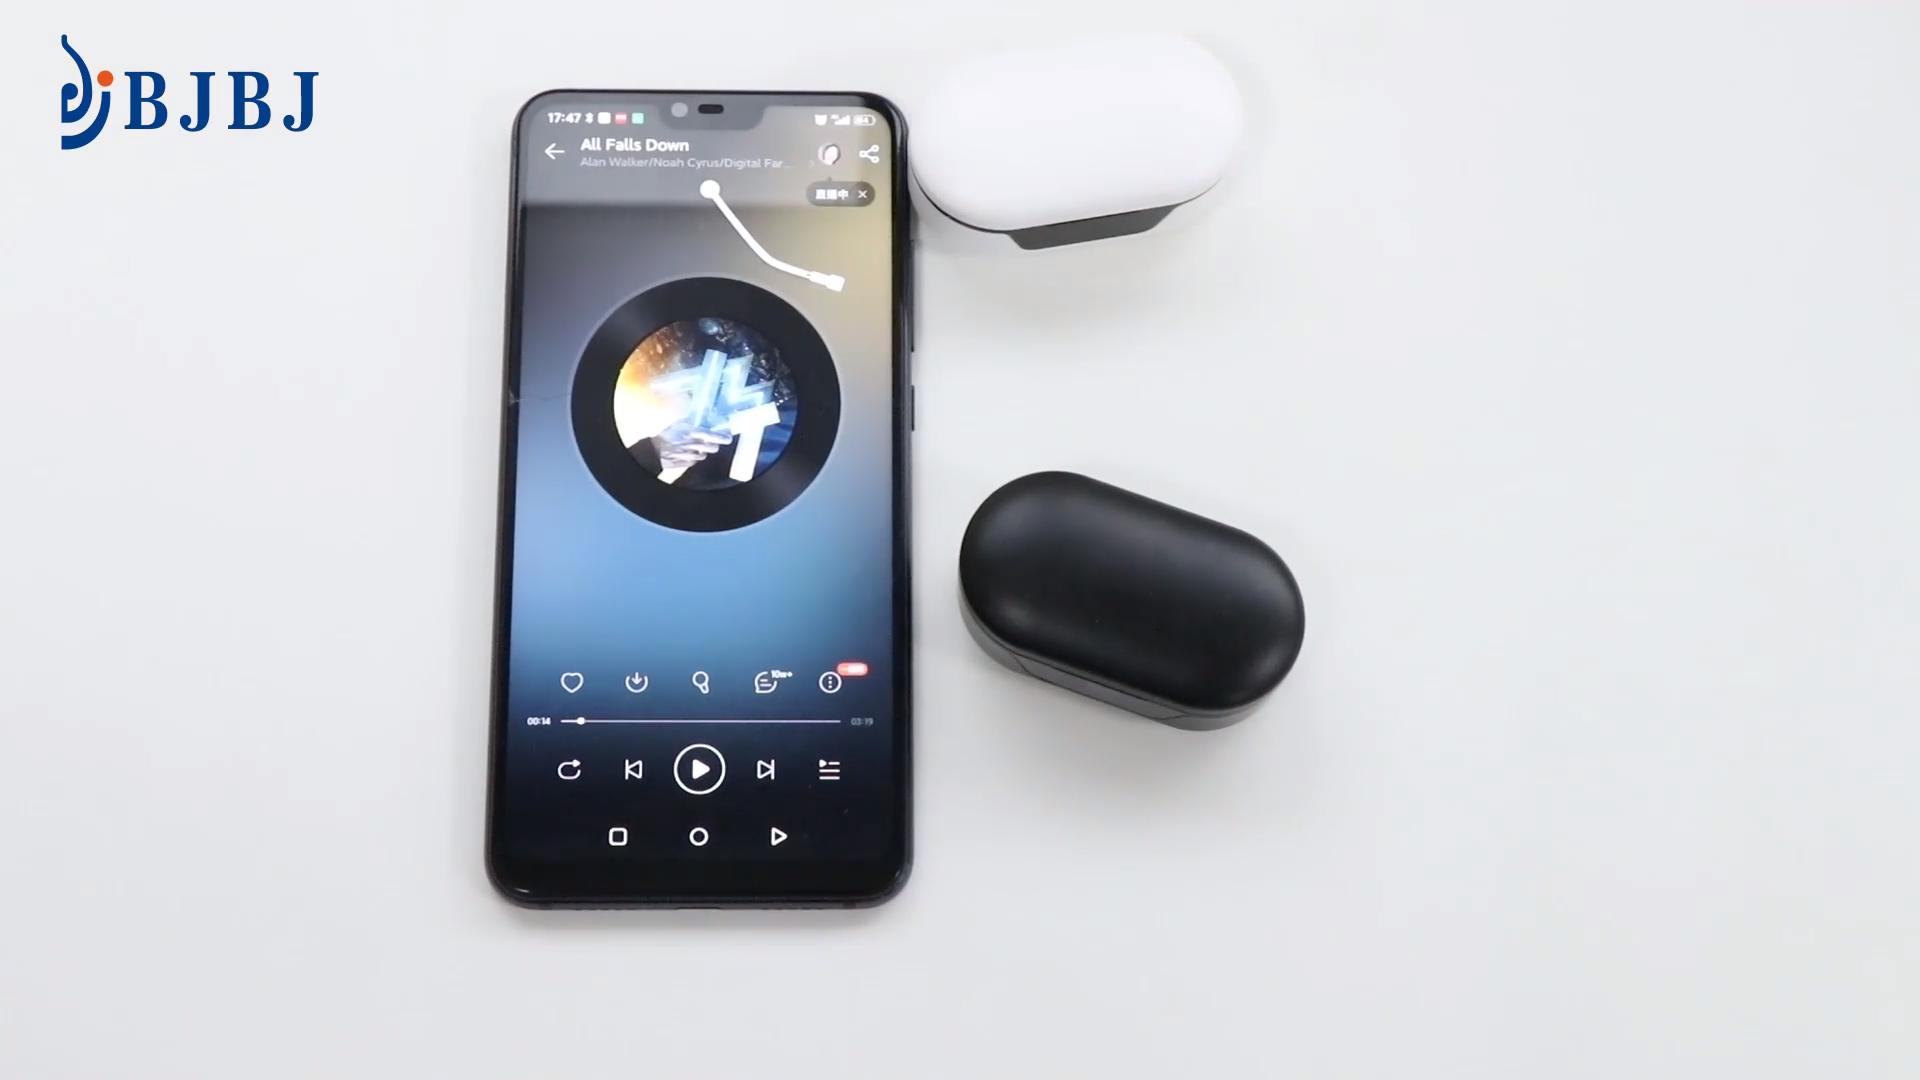 A3 A30 Mới Không Dây Tốt Nhất Tai Nghe 3 Không Khí Mini 5.0 Auriculares Bluetooth ANC 2020 Pro Tai Nghe Tai Nghe TWS Headphone